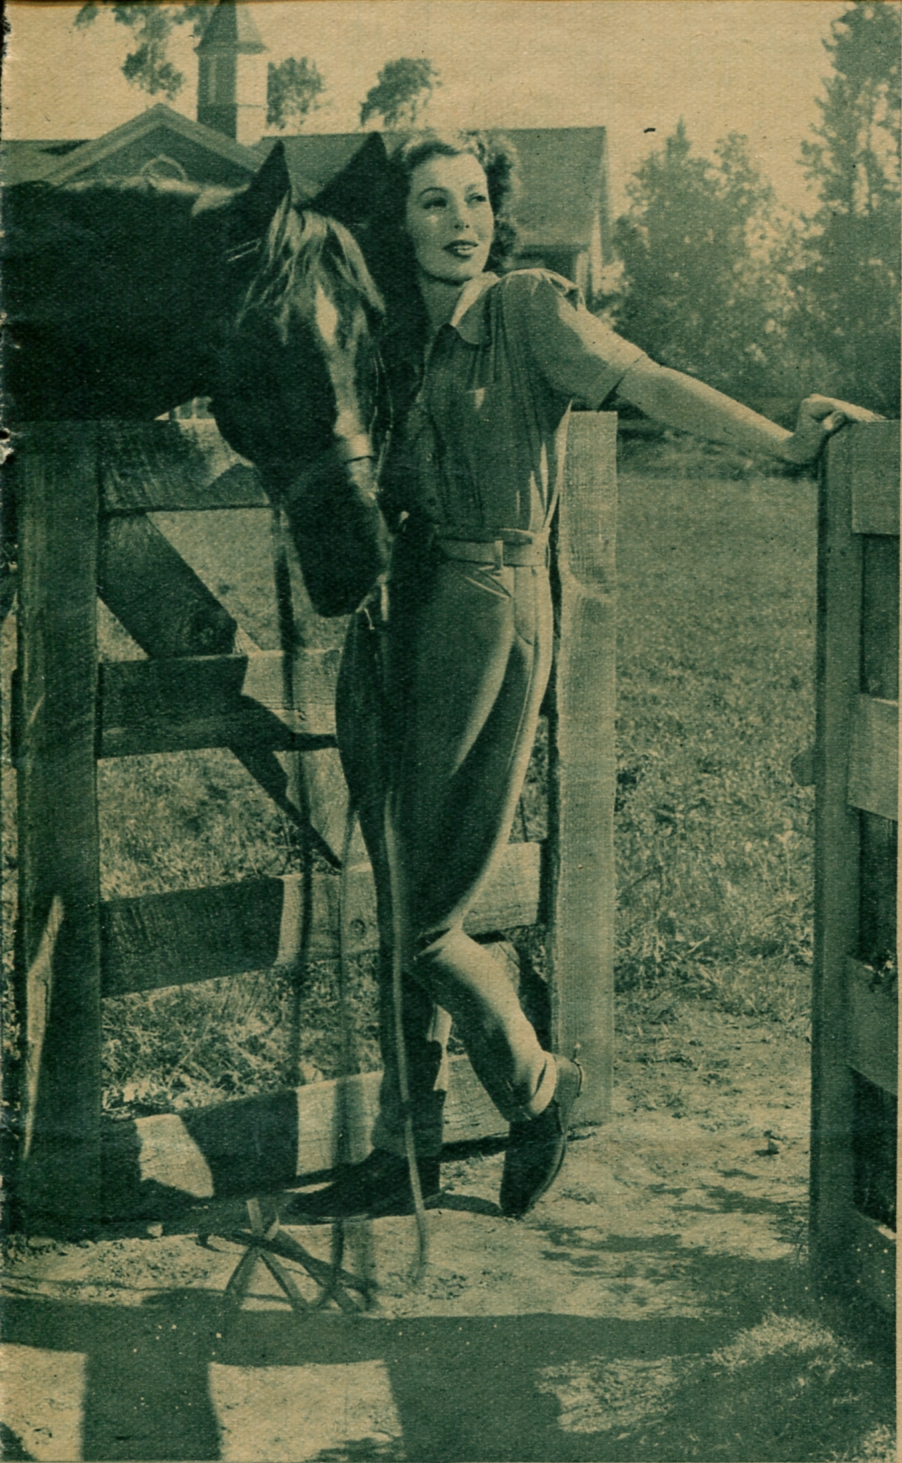 Loretta Young in Kentucky (1938)